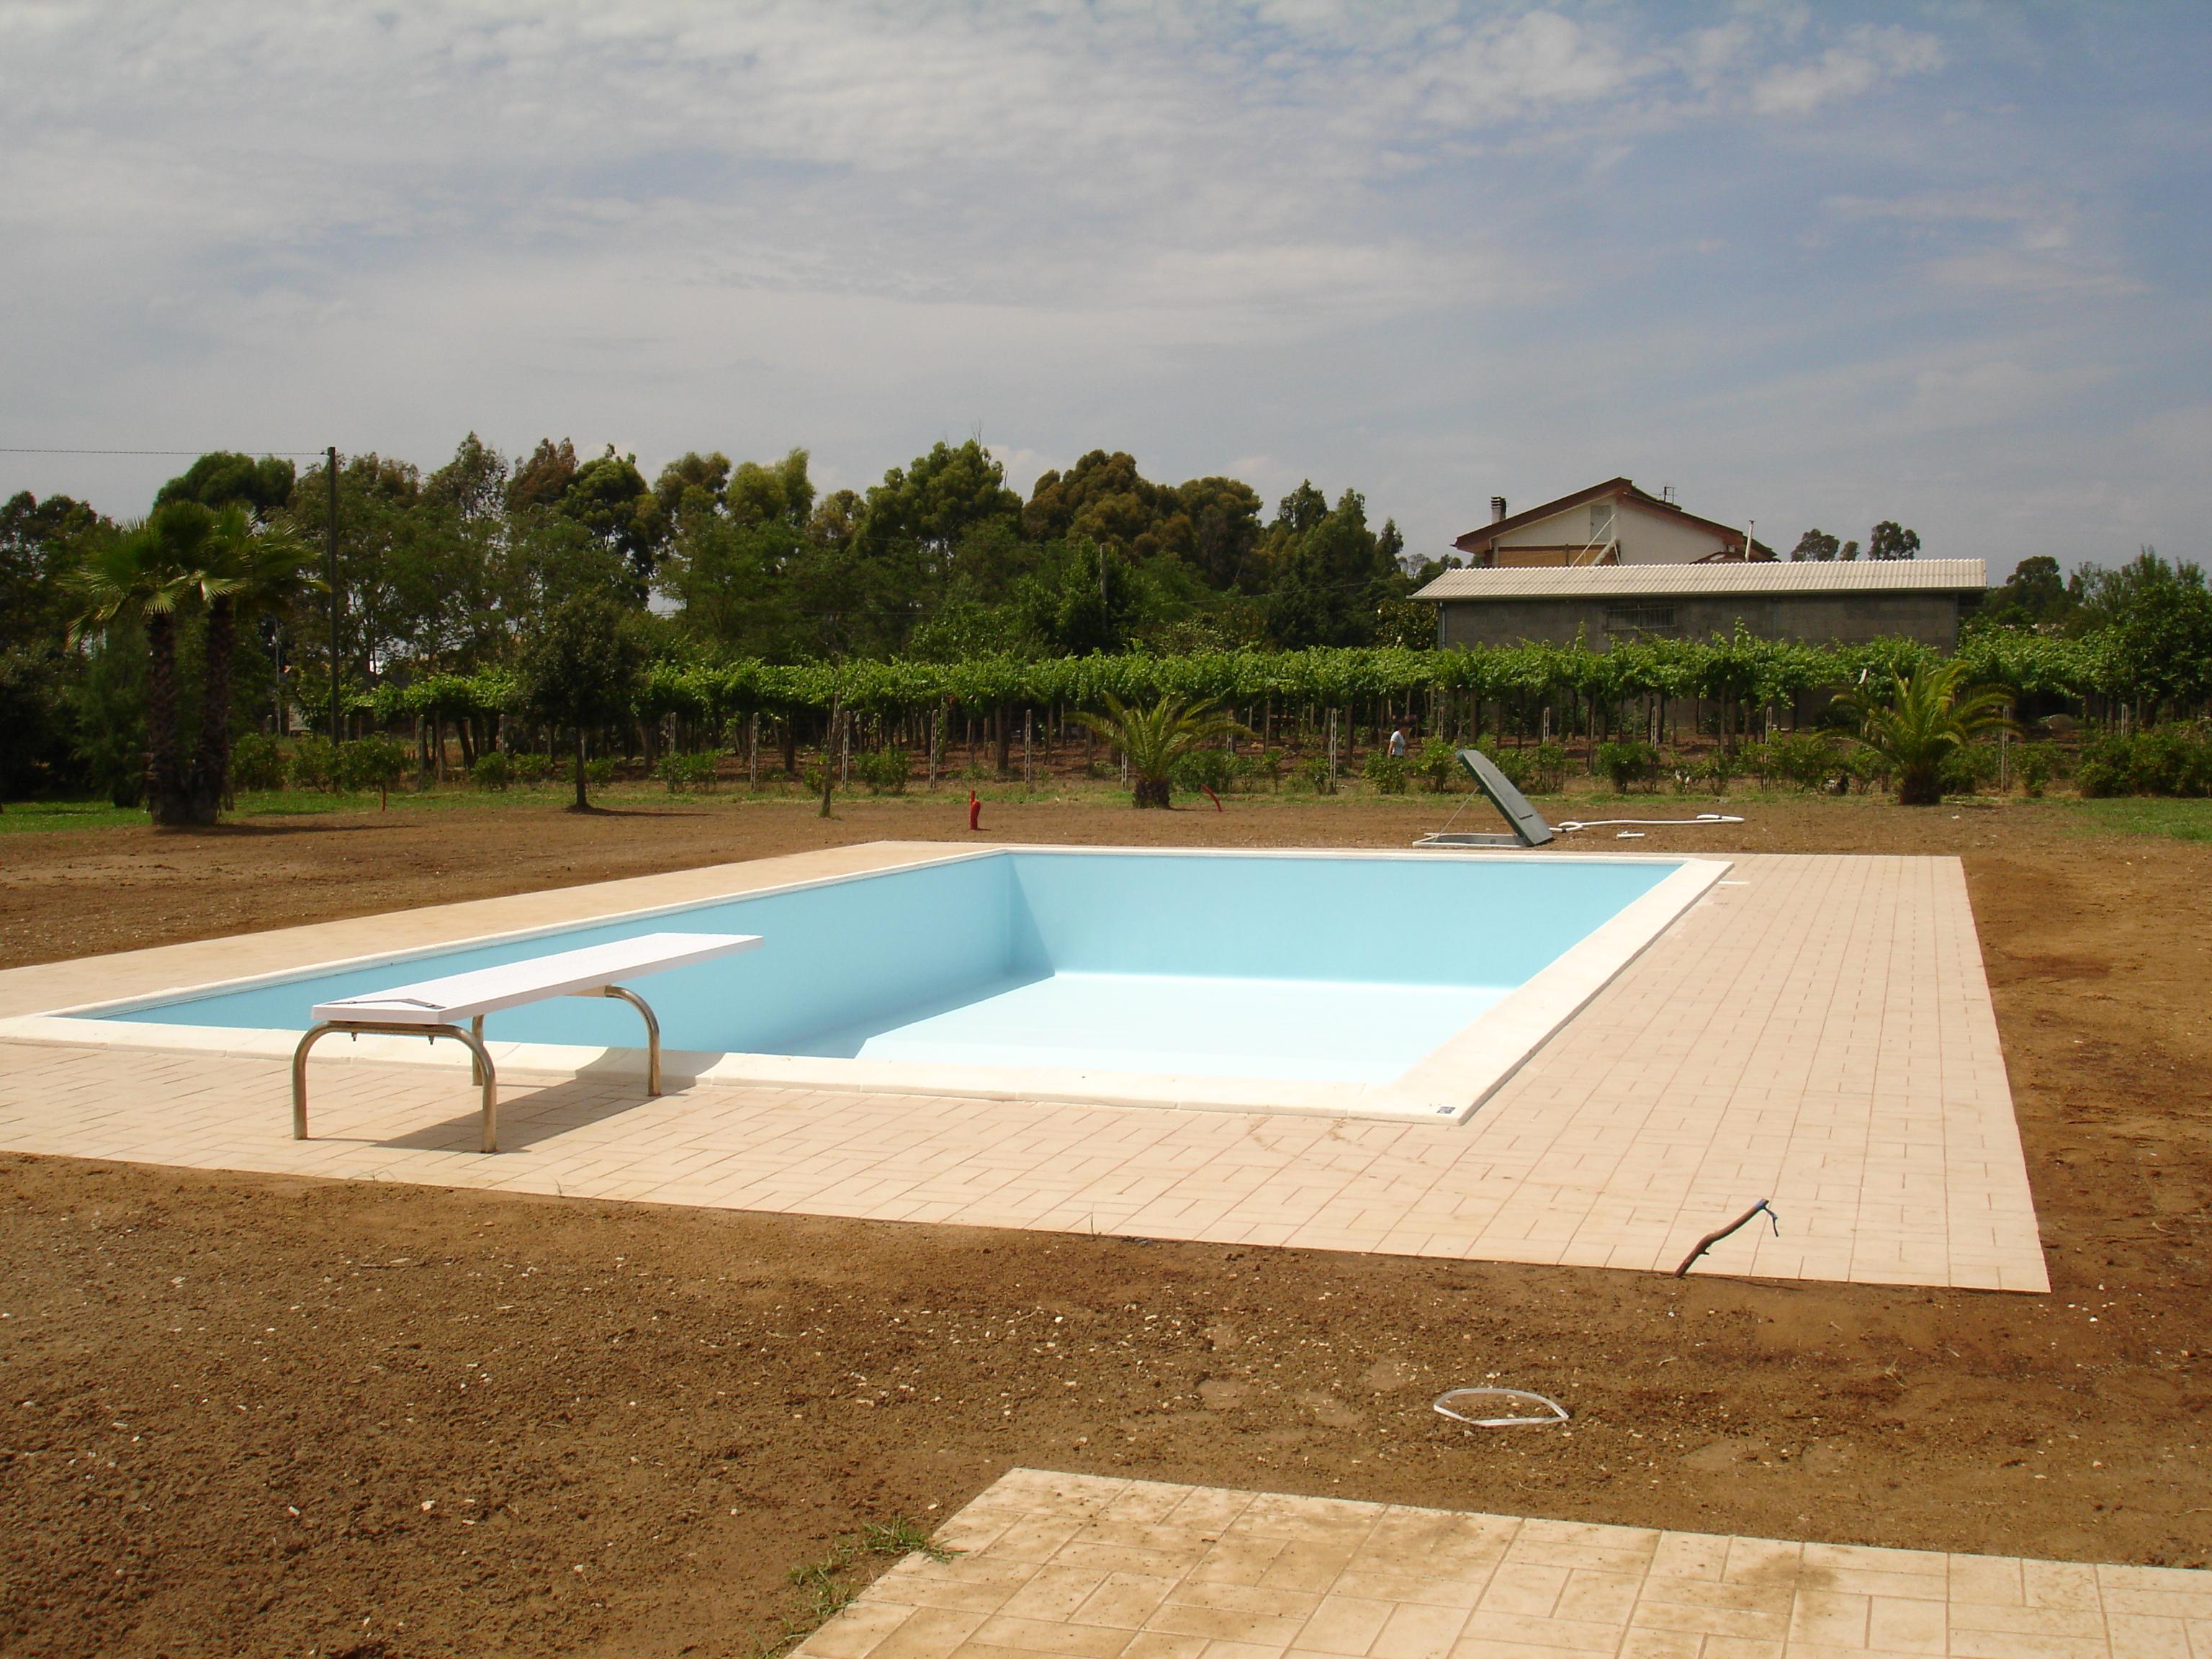 Foto di piscine in realizzazione da piscine effepi service for Piscine service